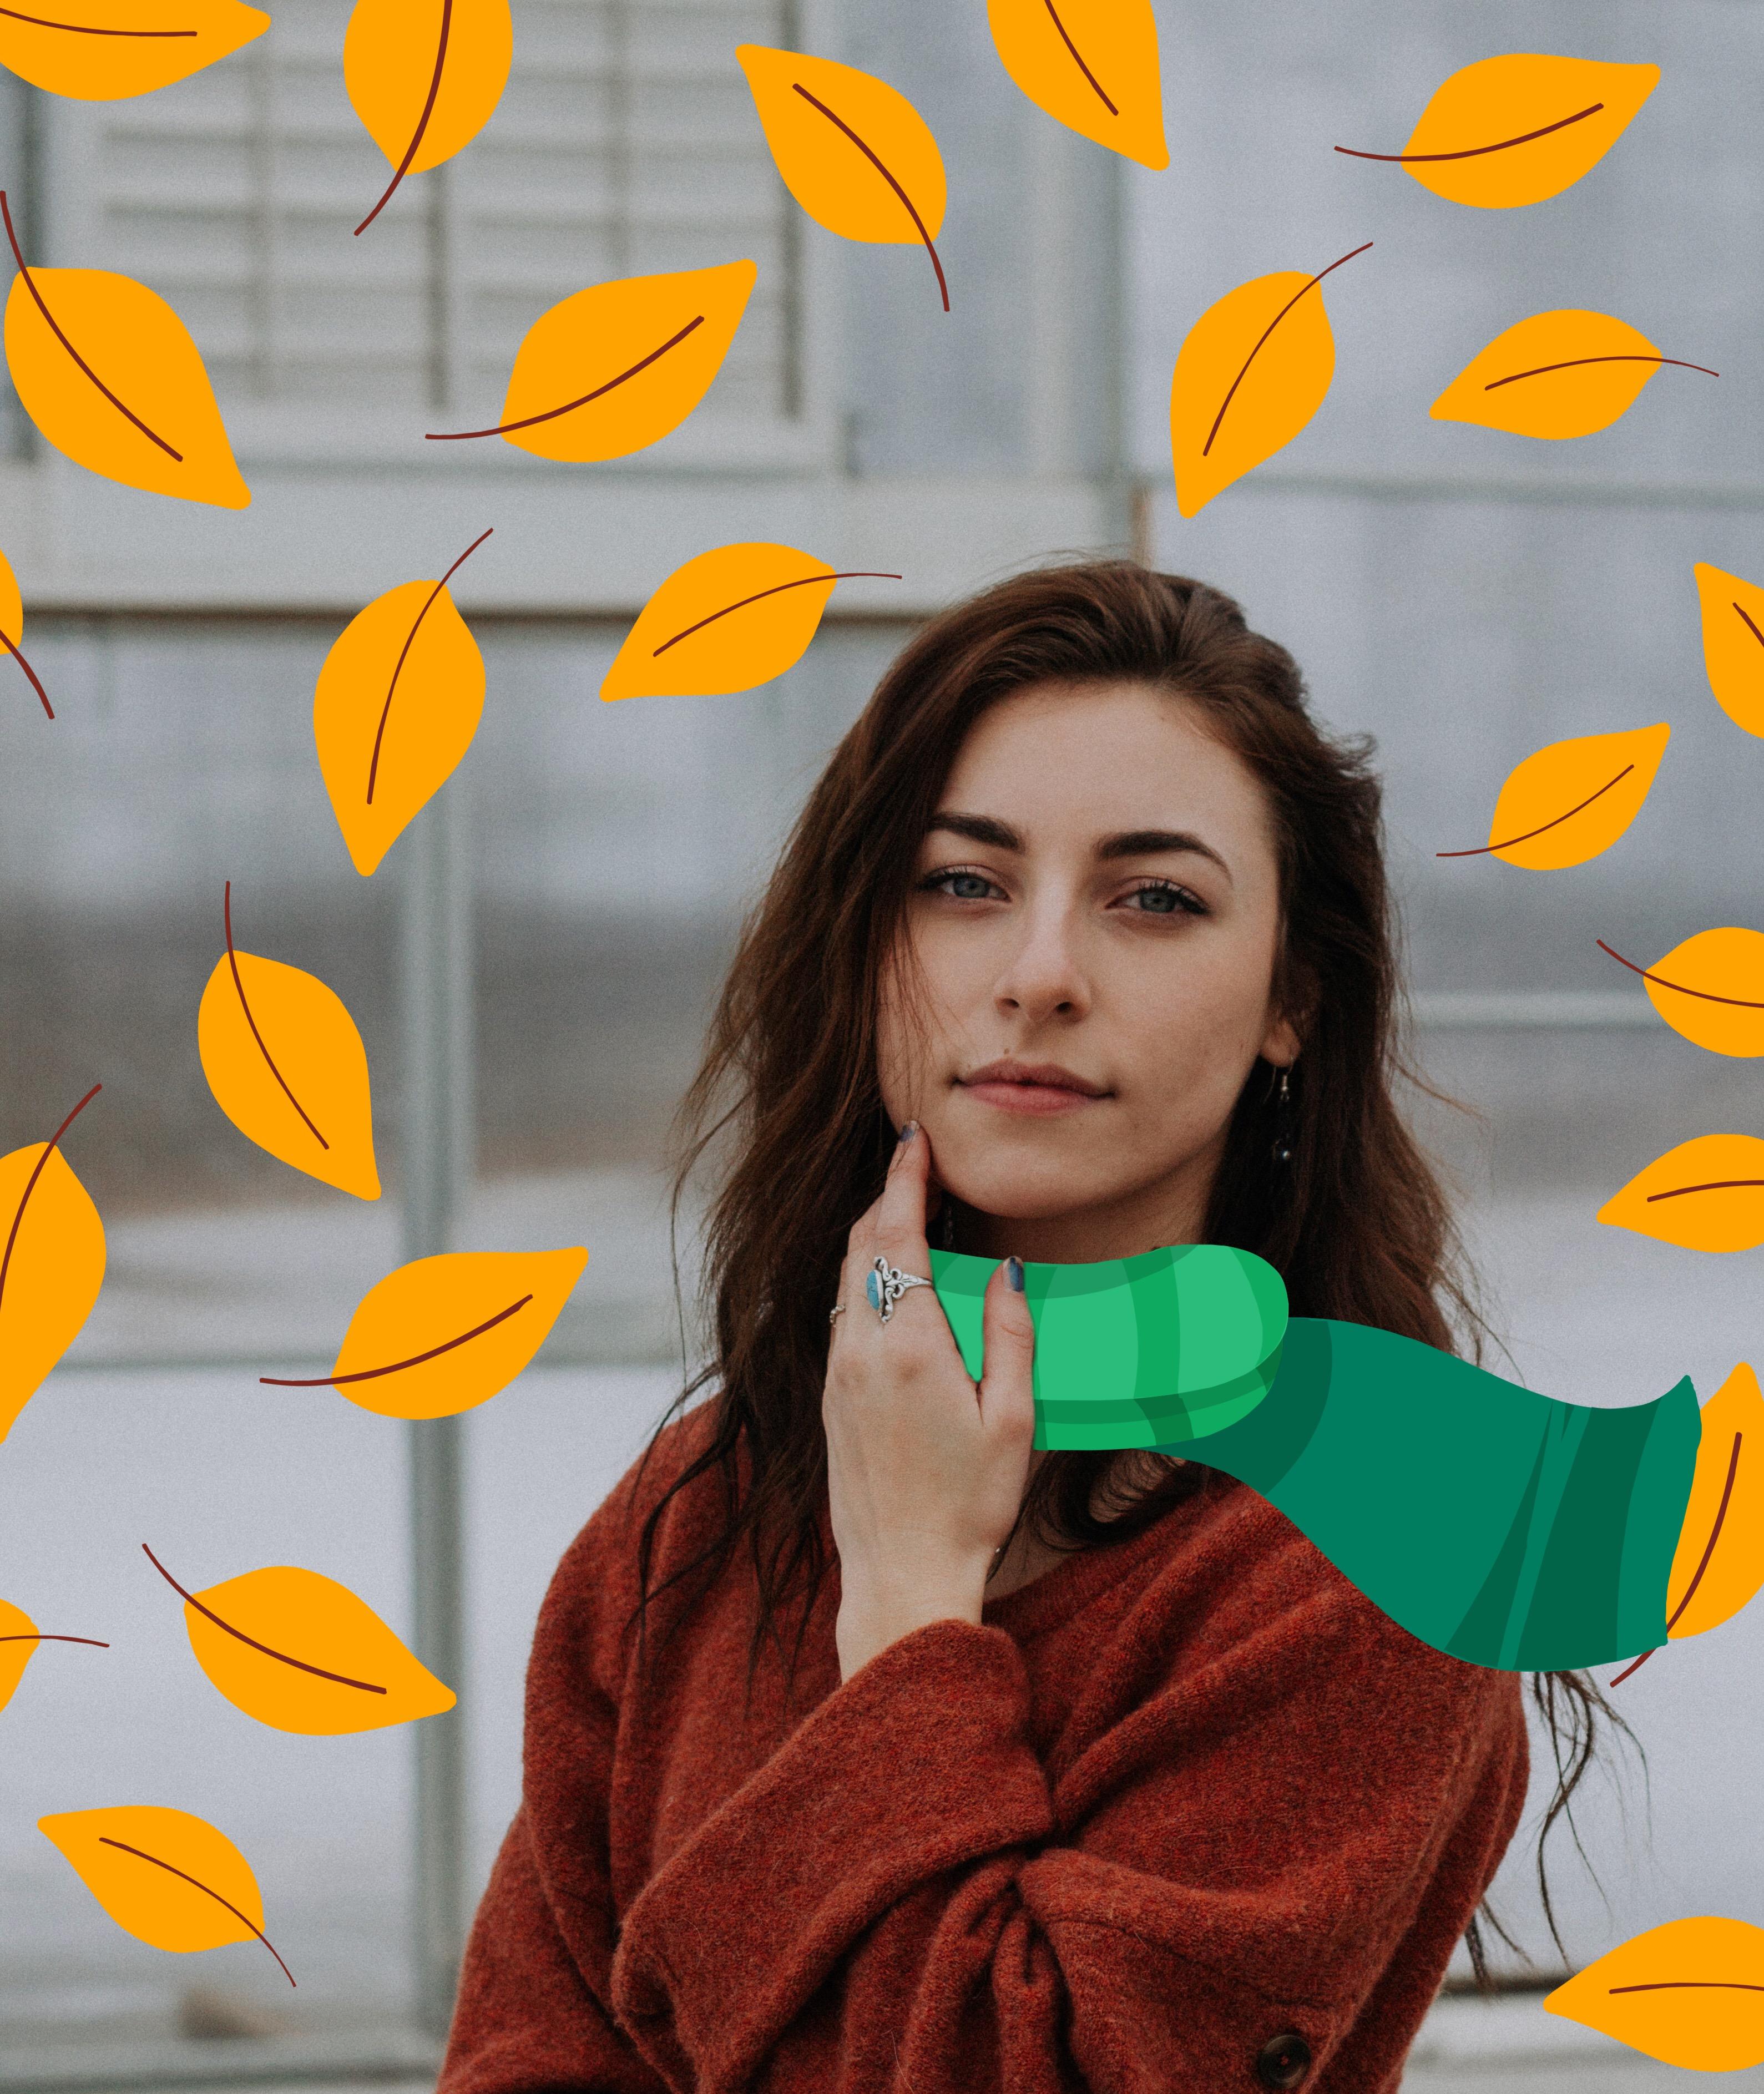 #freetoedit #autumn